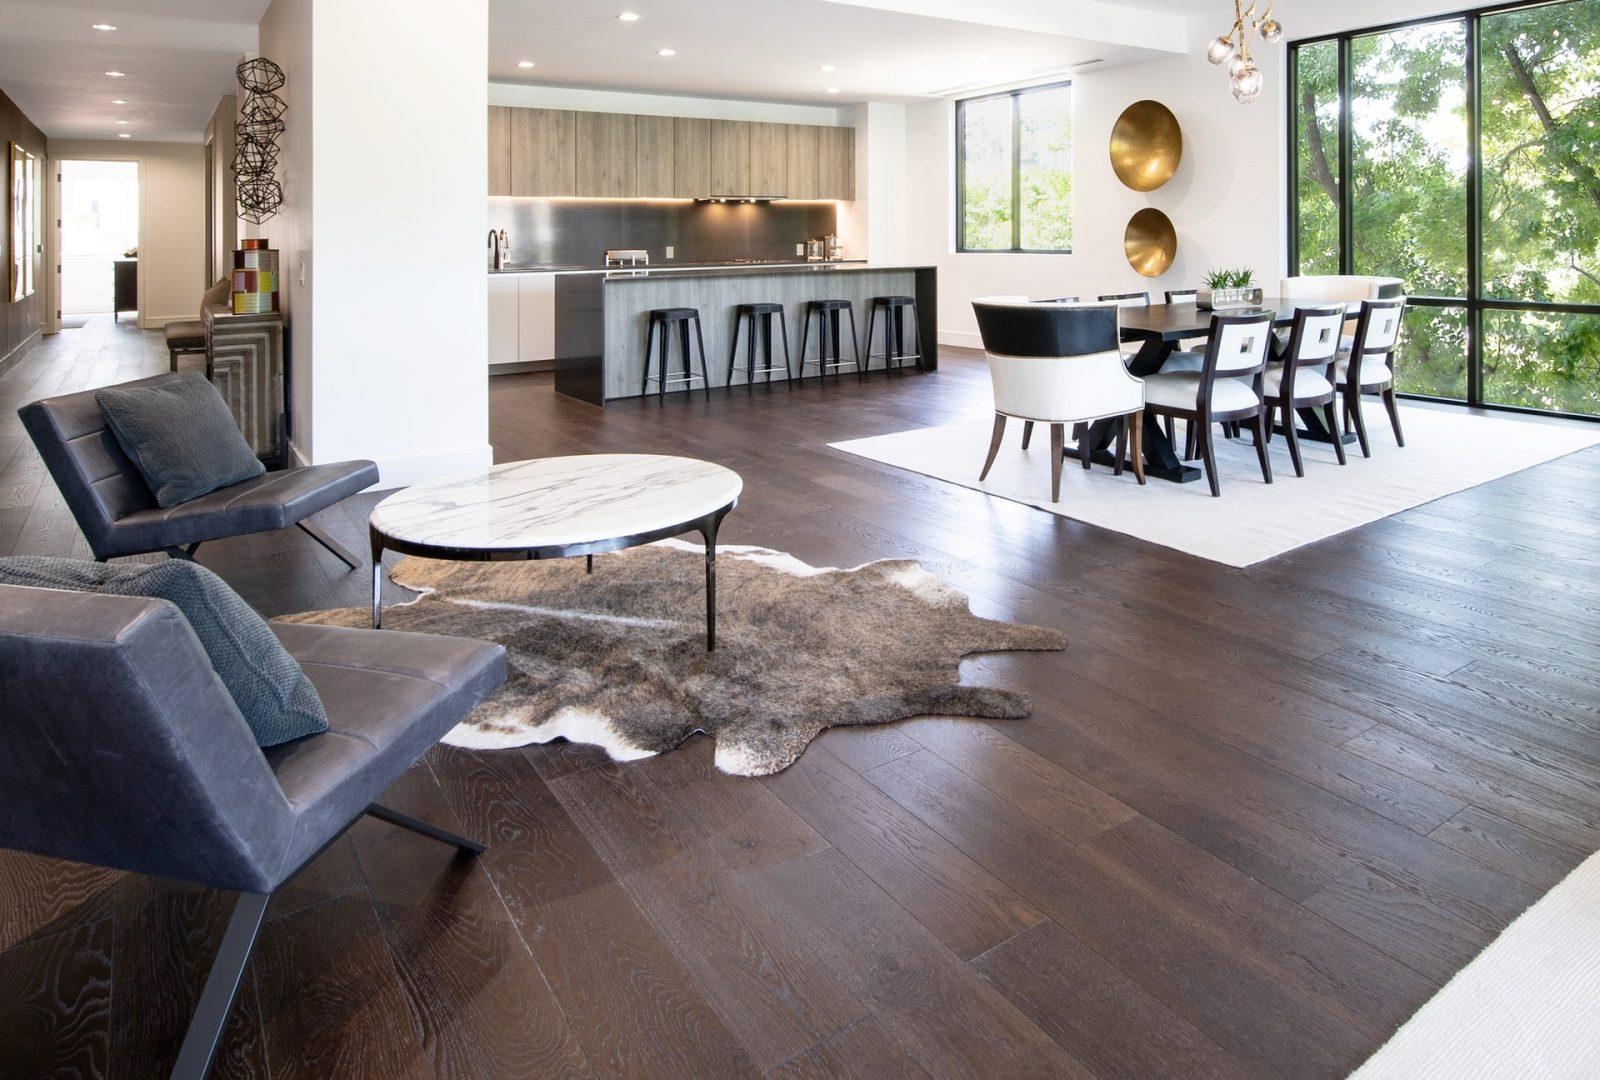 aindeinmobiliaria.com | Diseño de Interiores y Reformas